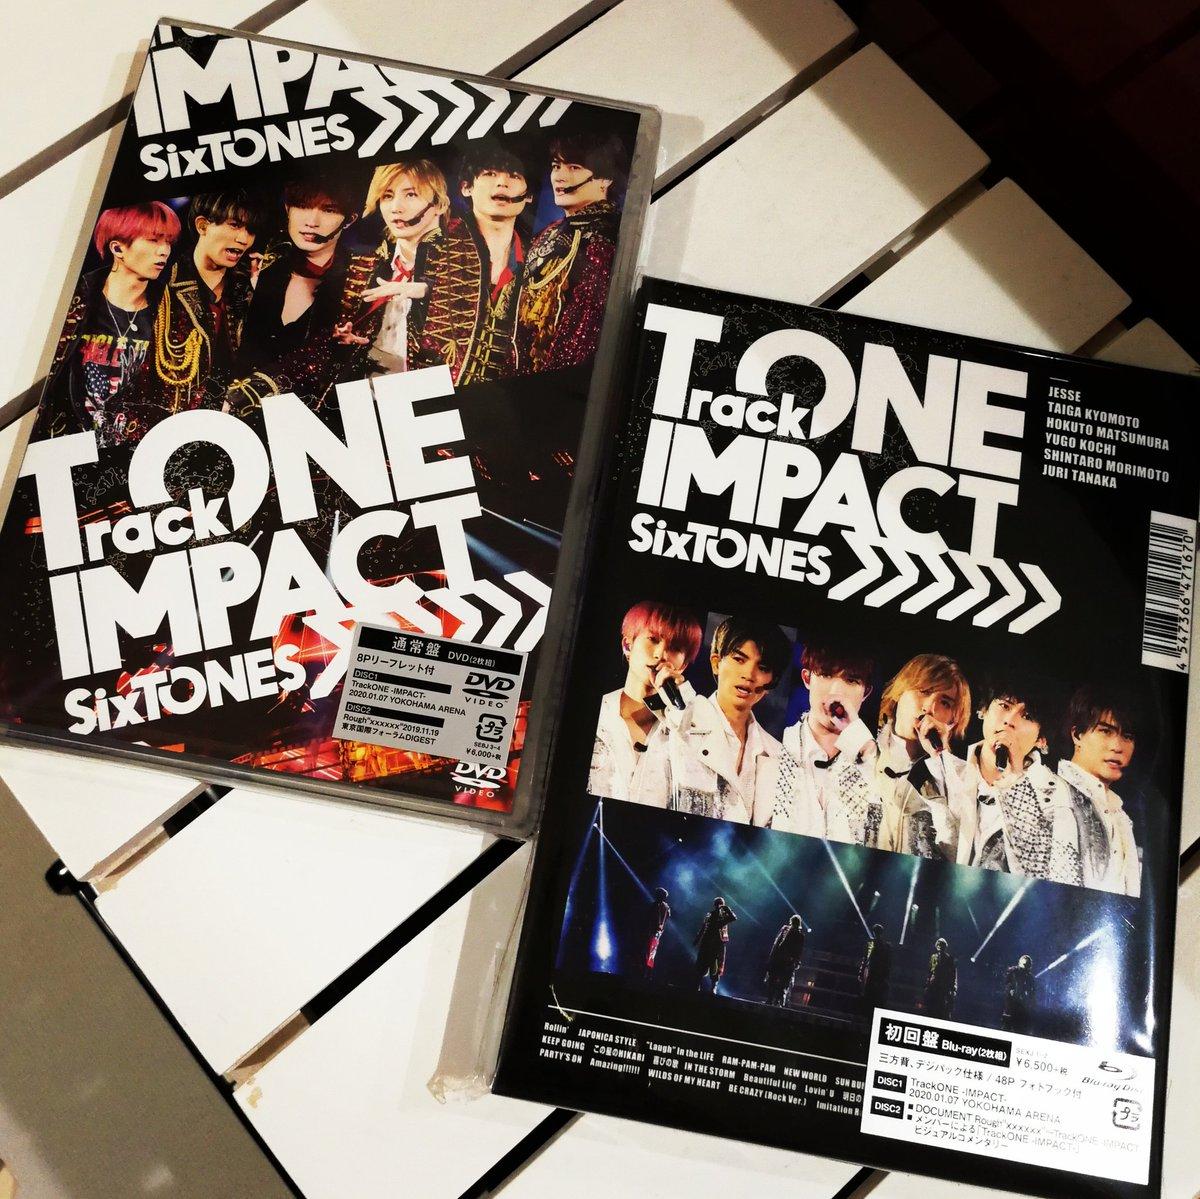 トーン インパクト dvd Sixtones トーンインパクトDVD 予約/特典まとめ【SixTONES